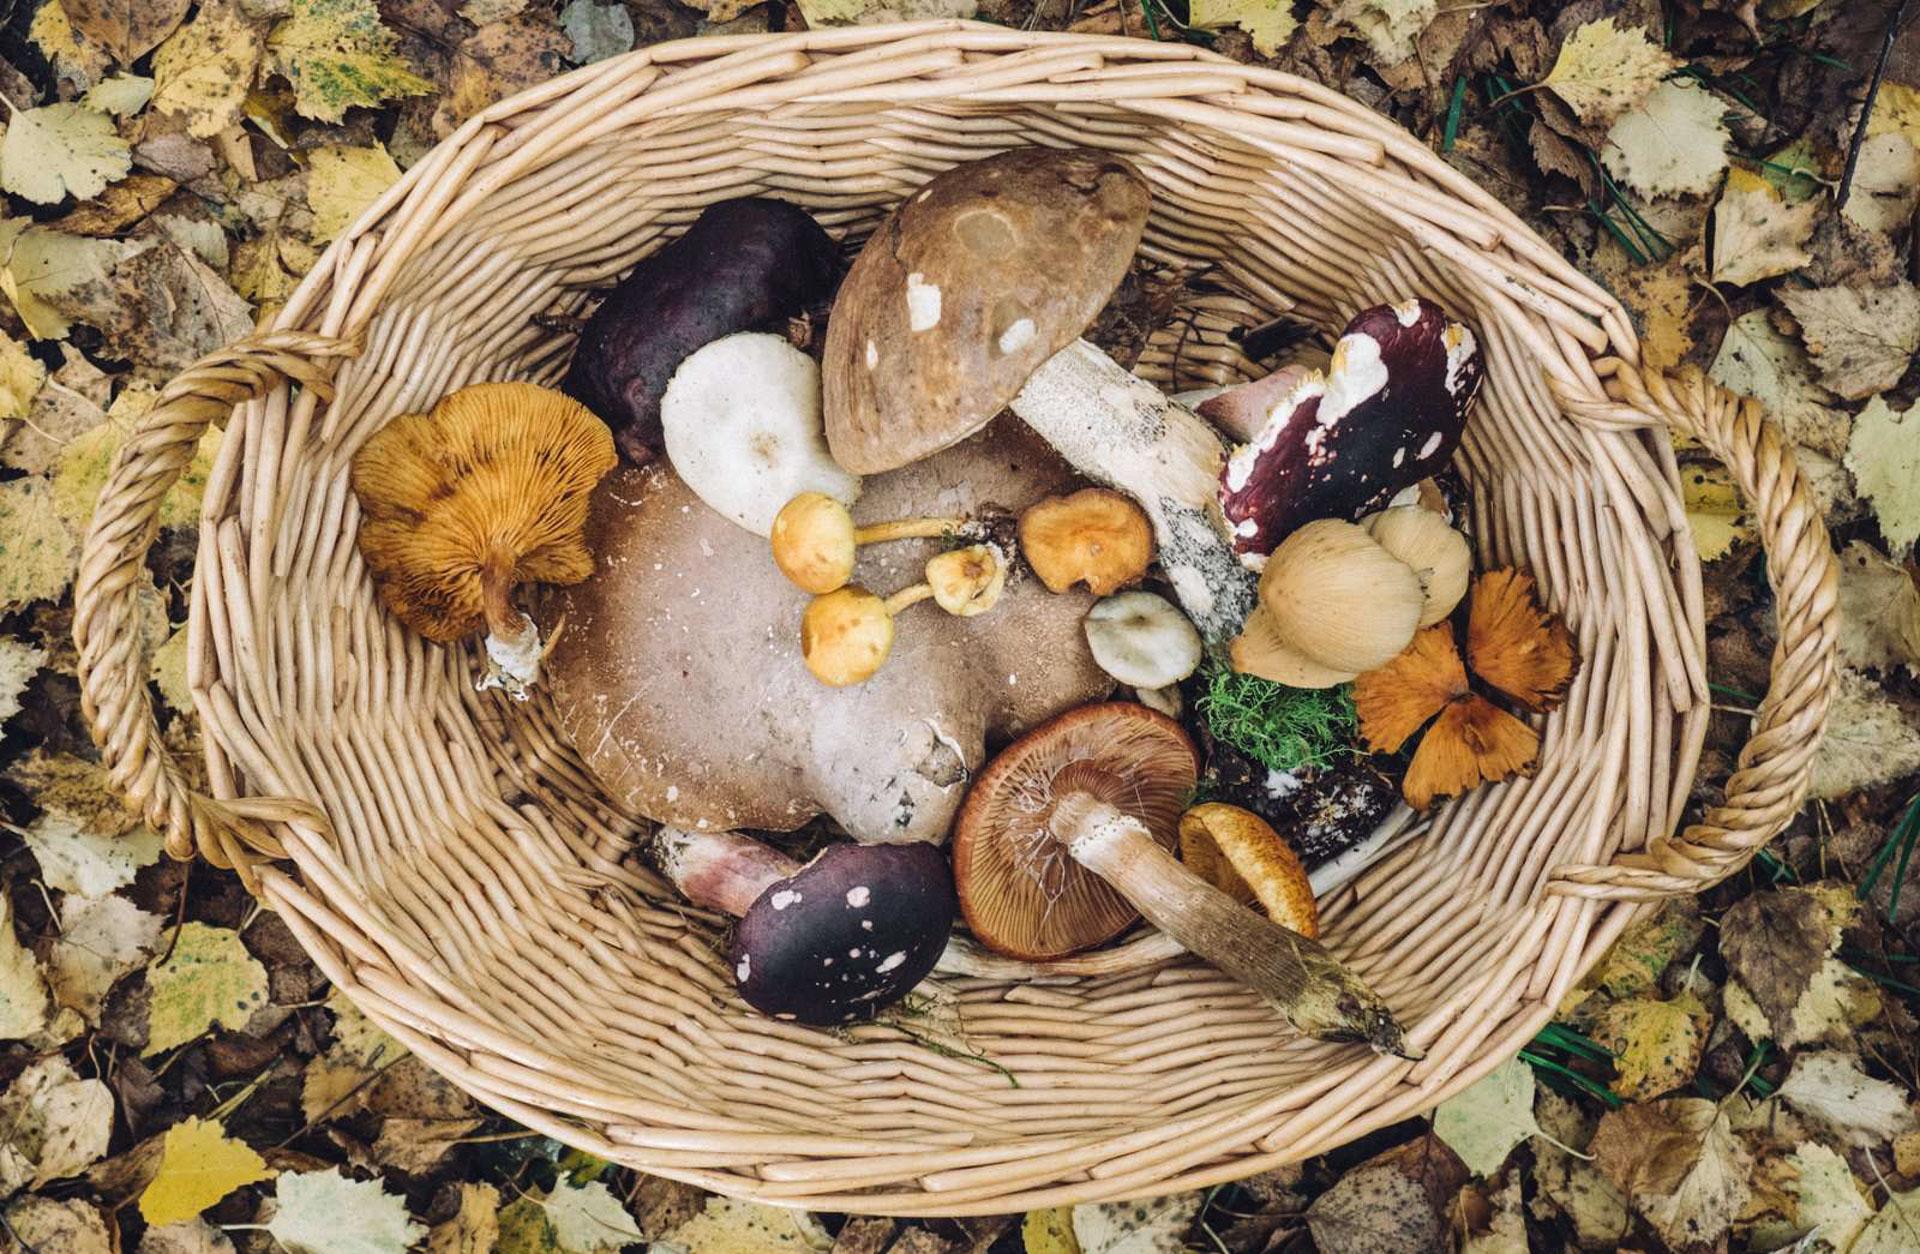 Det sker: Efterårsferien hos Aarhus Central Food Market er fyldt med oplevelser